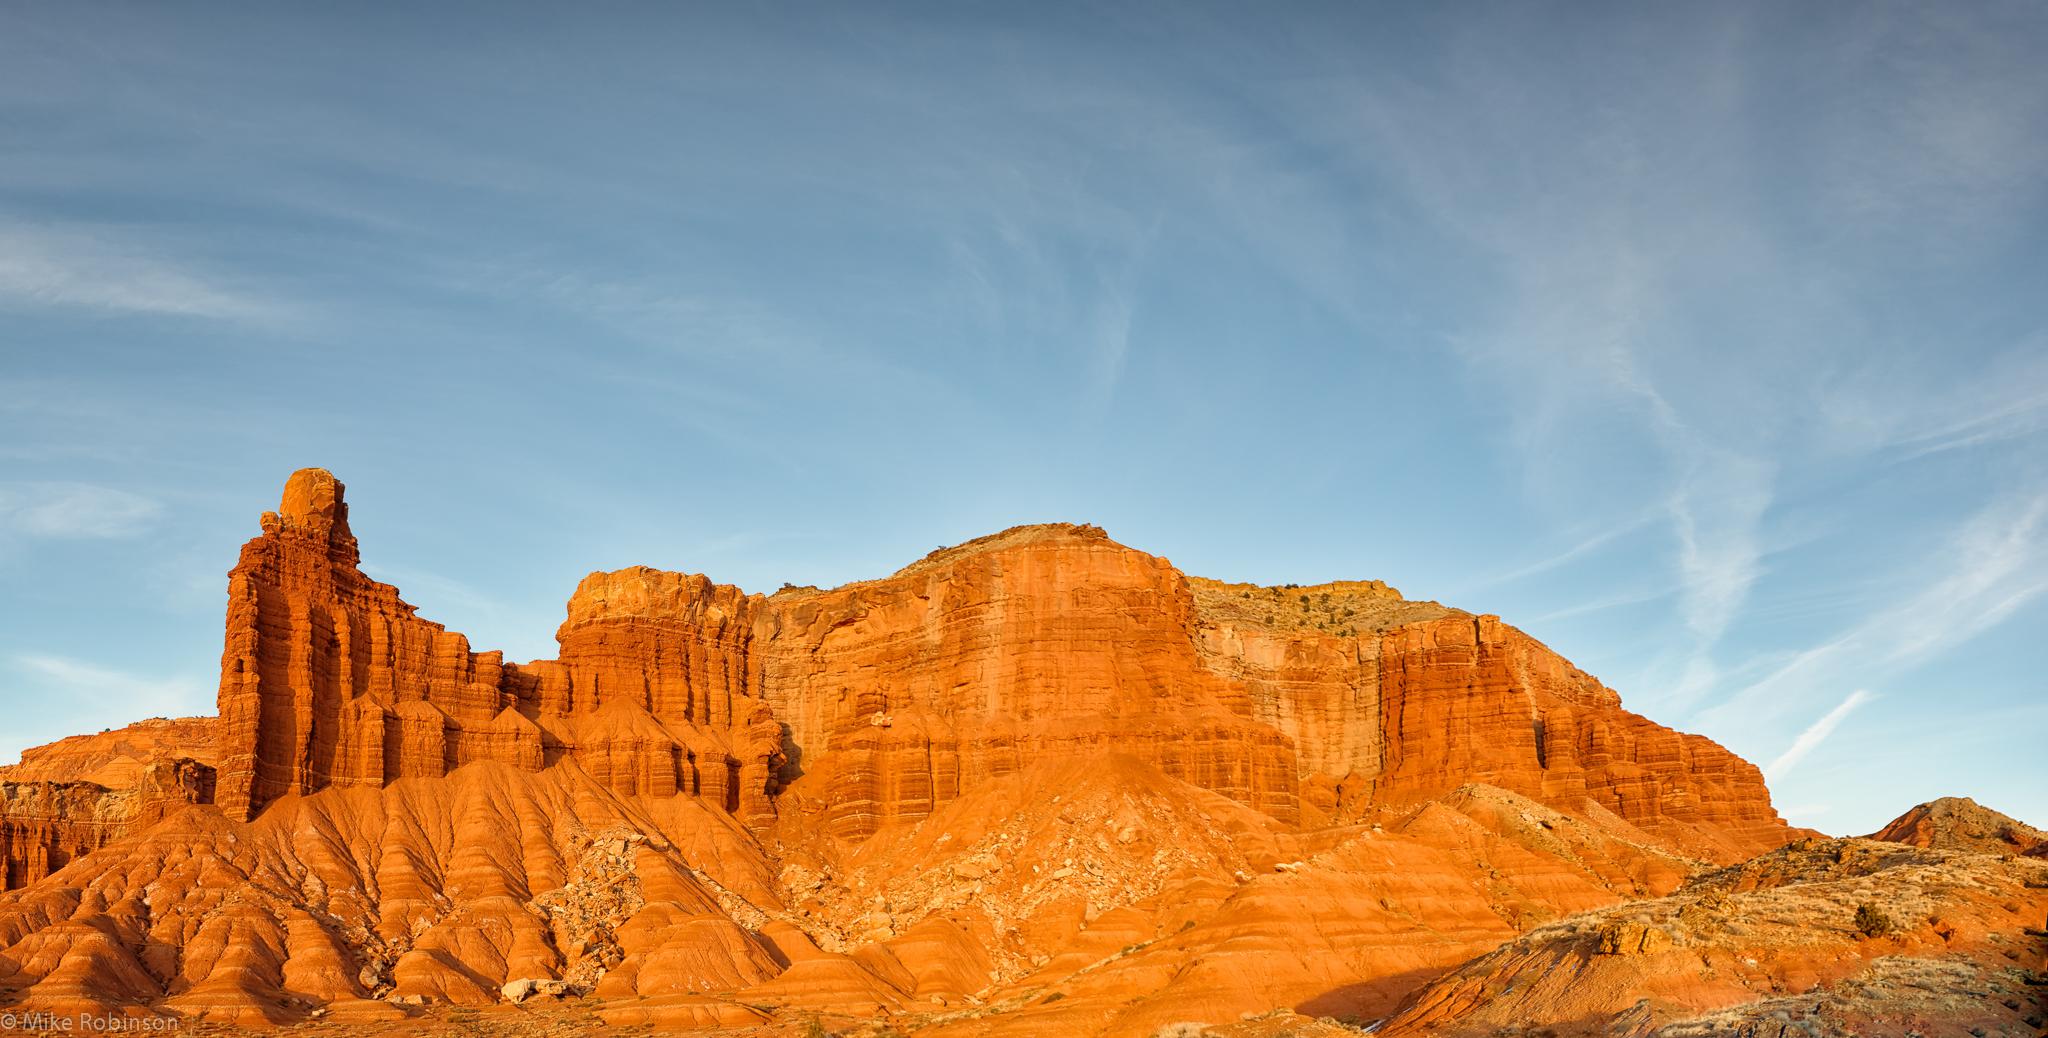 Pano_Utah_Red_Rocks_Afternoon_2